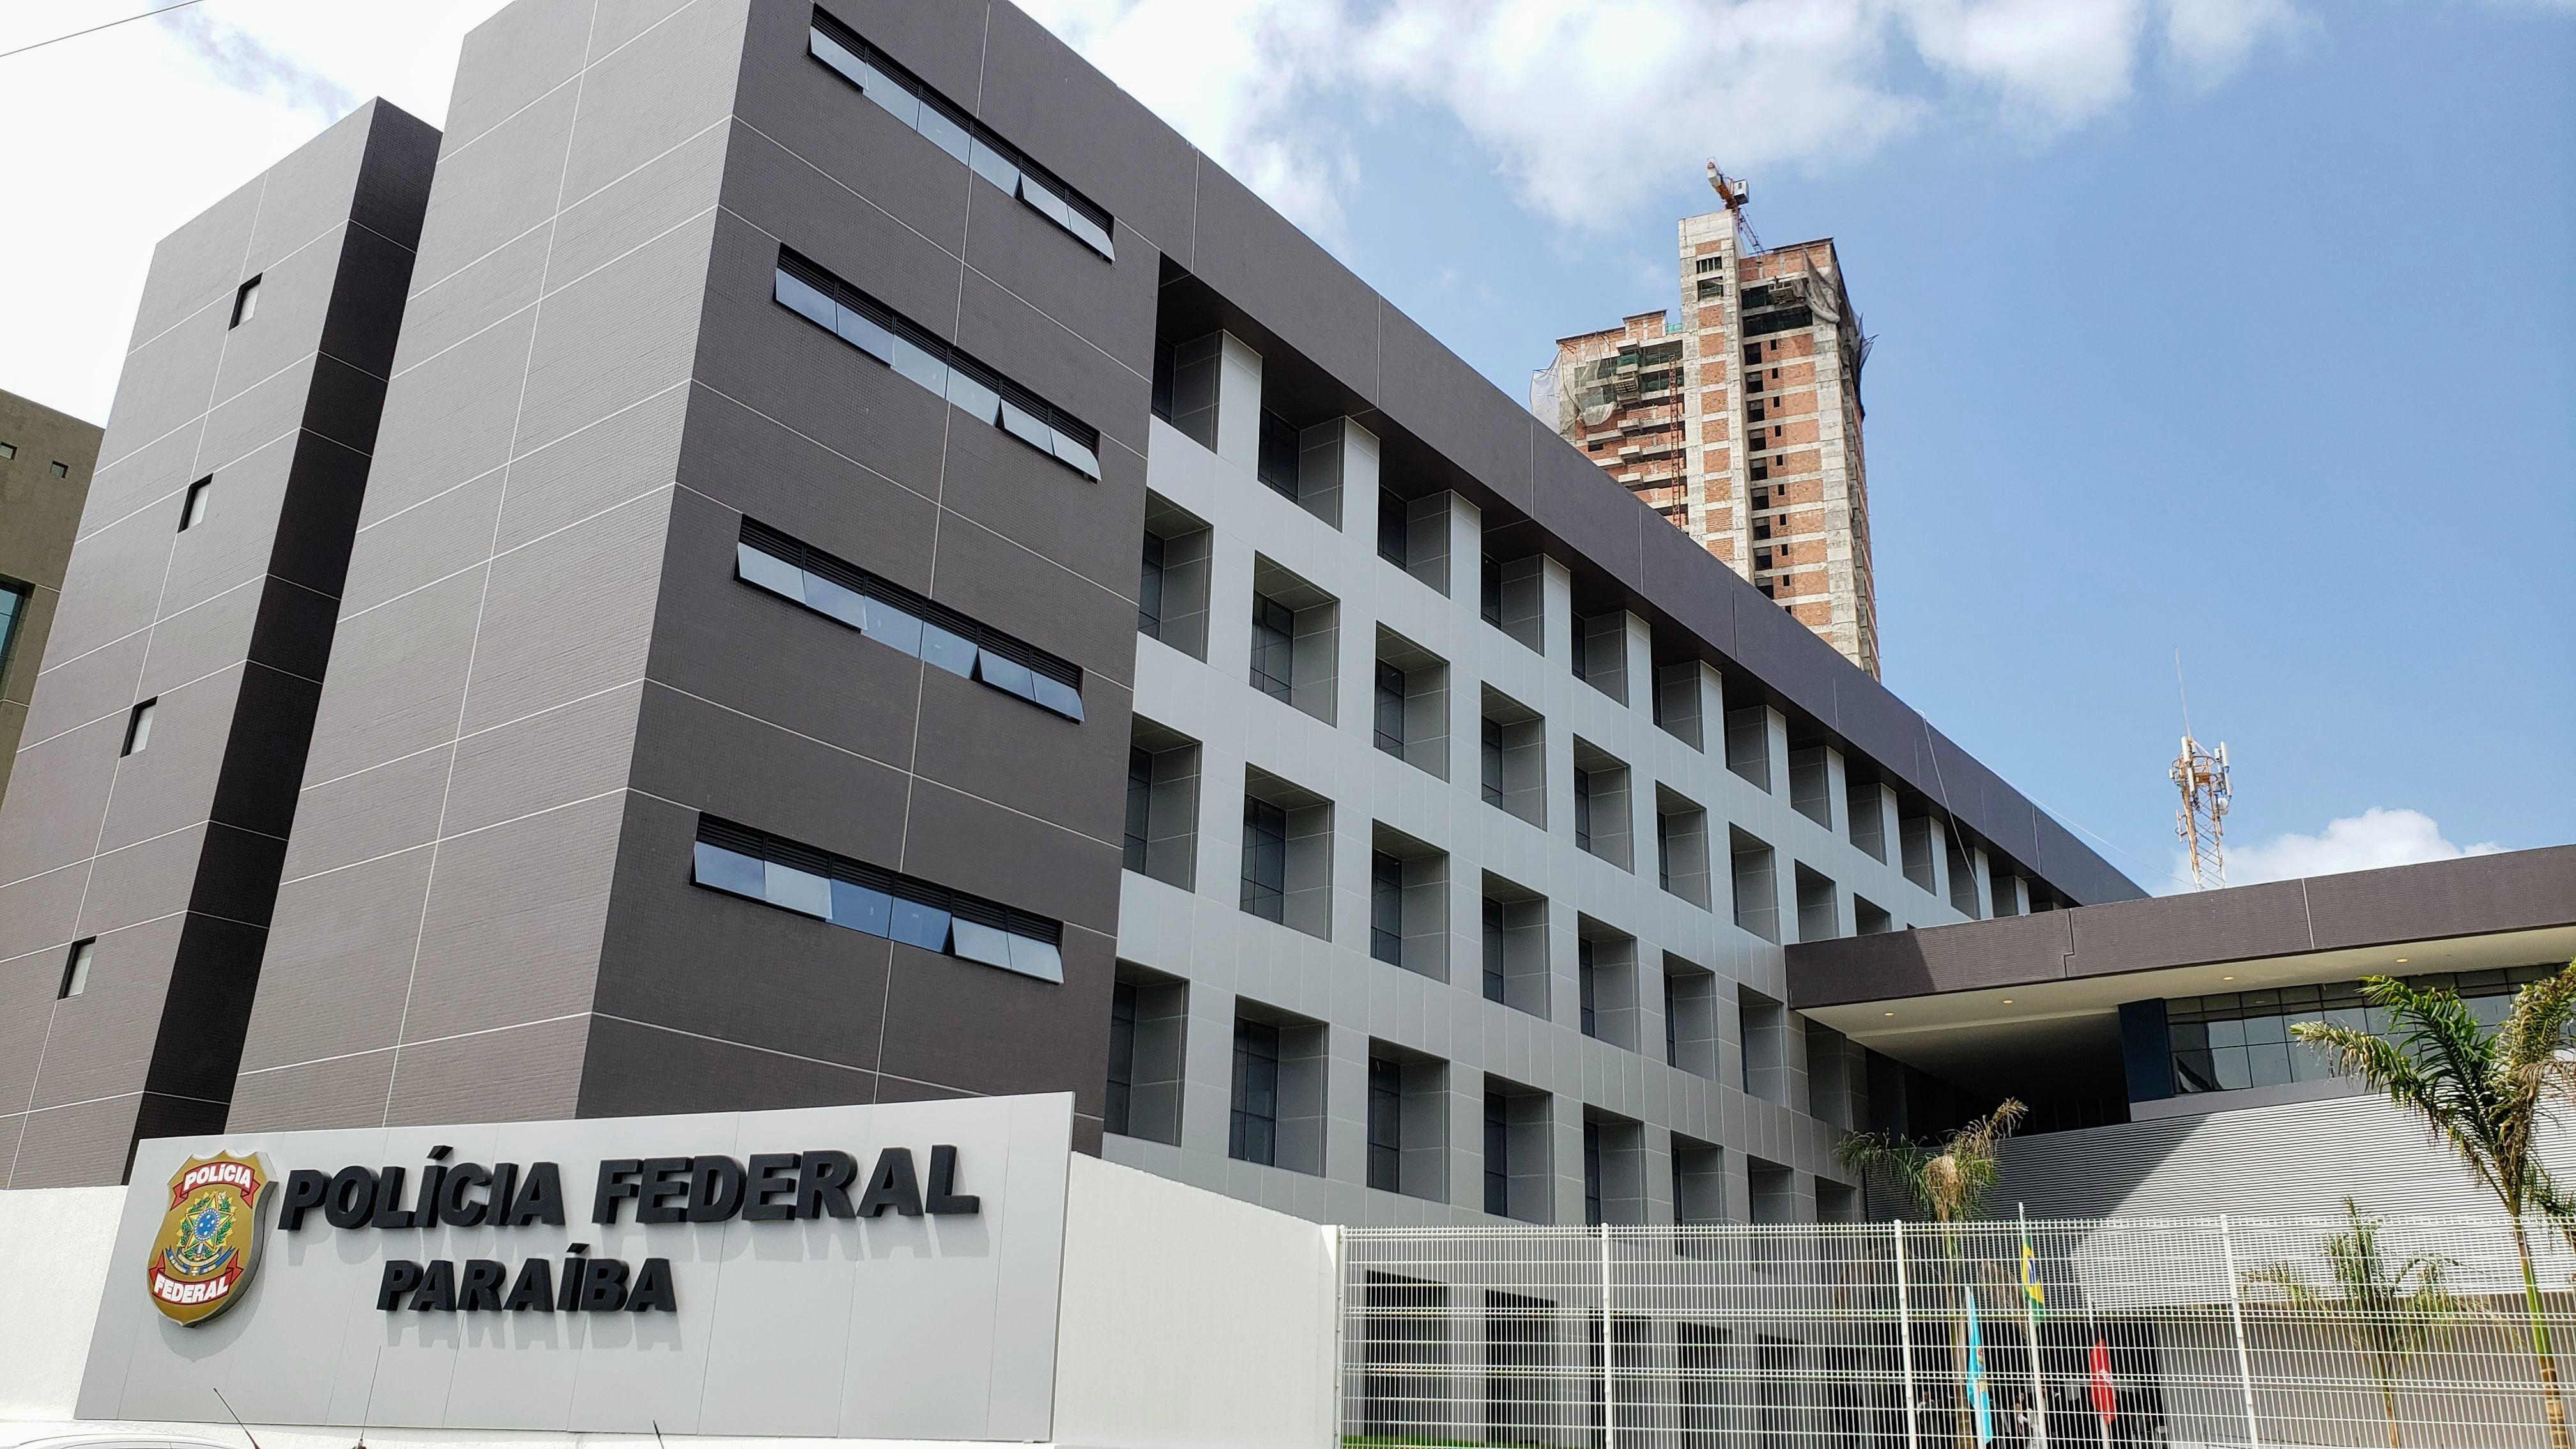 Polícia Federal deflagra operação contra grupo que aplicou golpes em bancos na PB, PE e RN